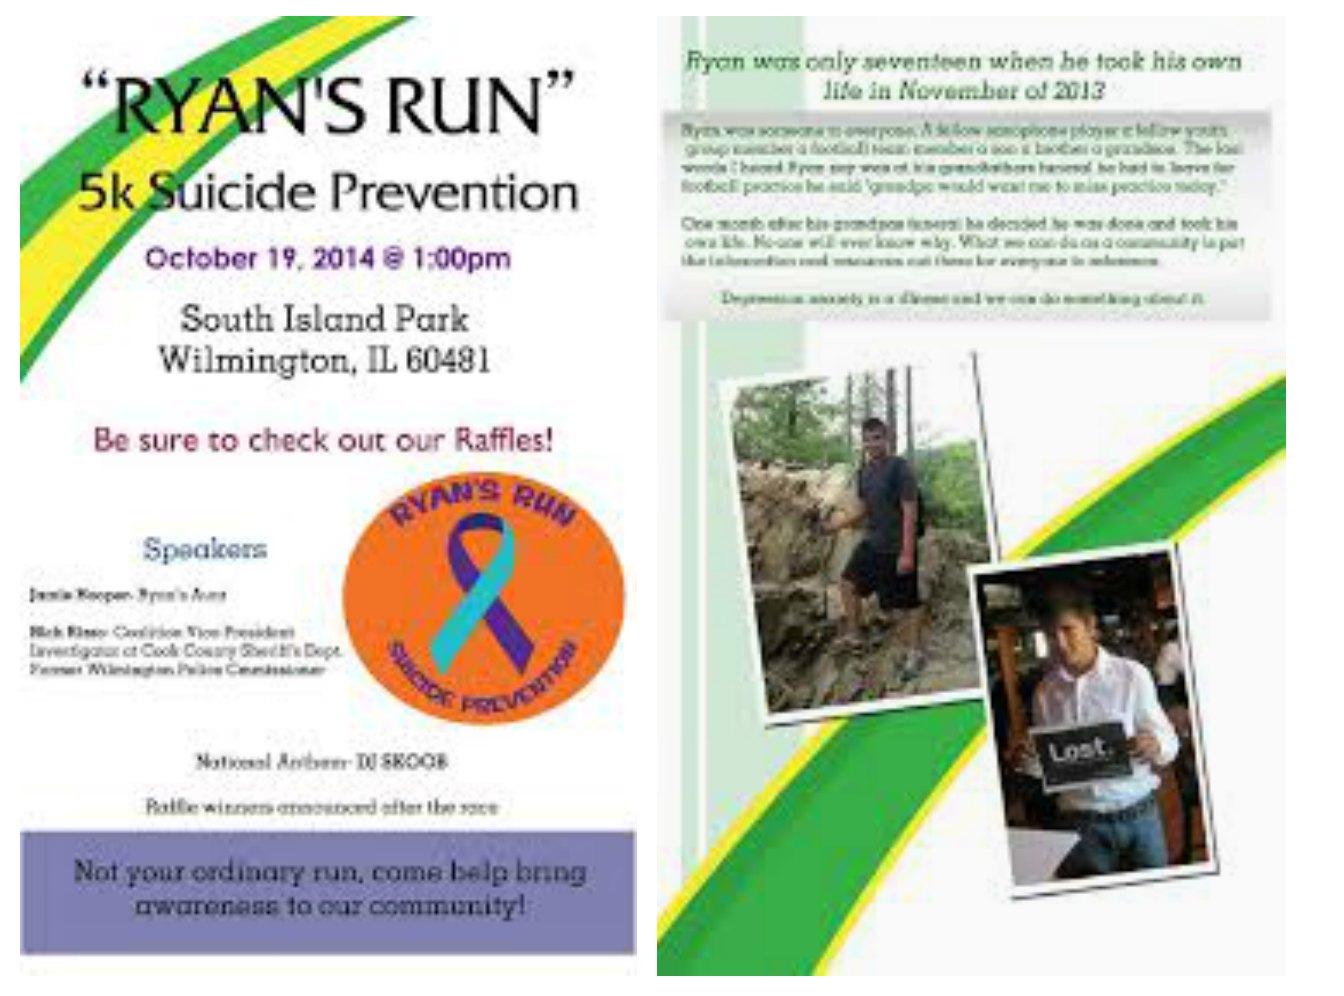 Ryans Run